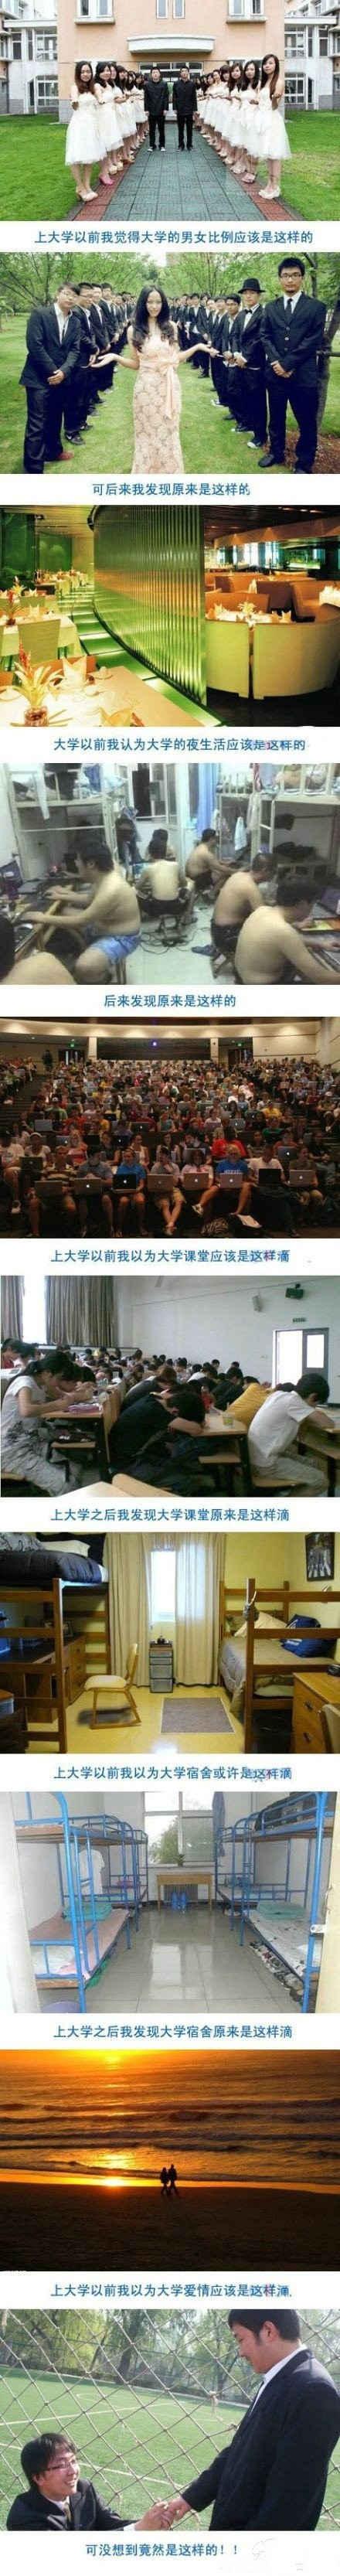 原来这才是大学。。最后一张又亮了~~~